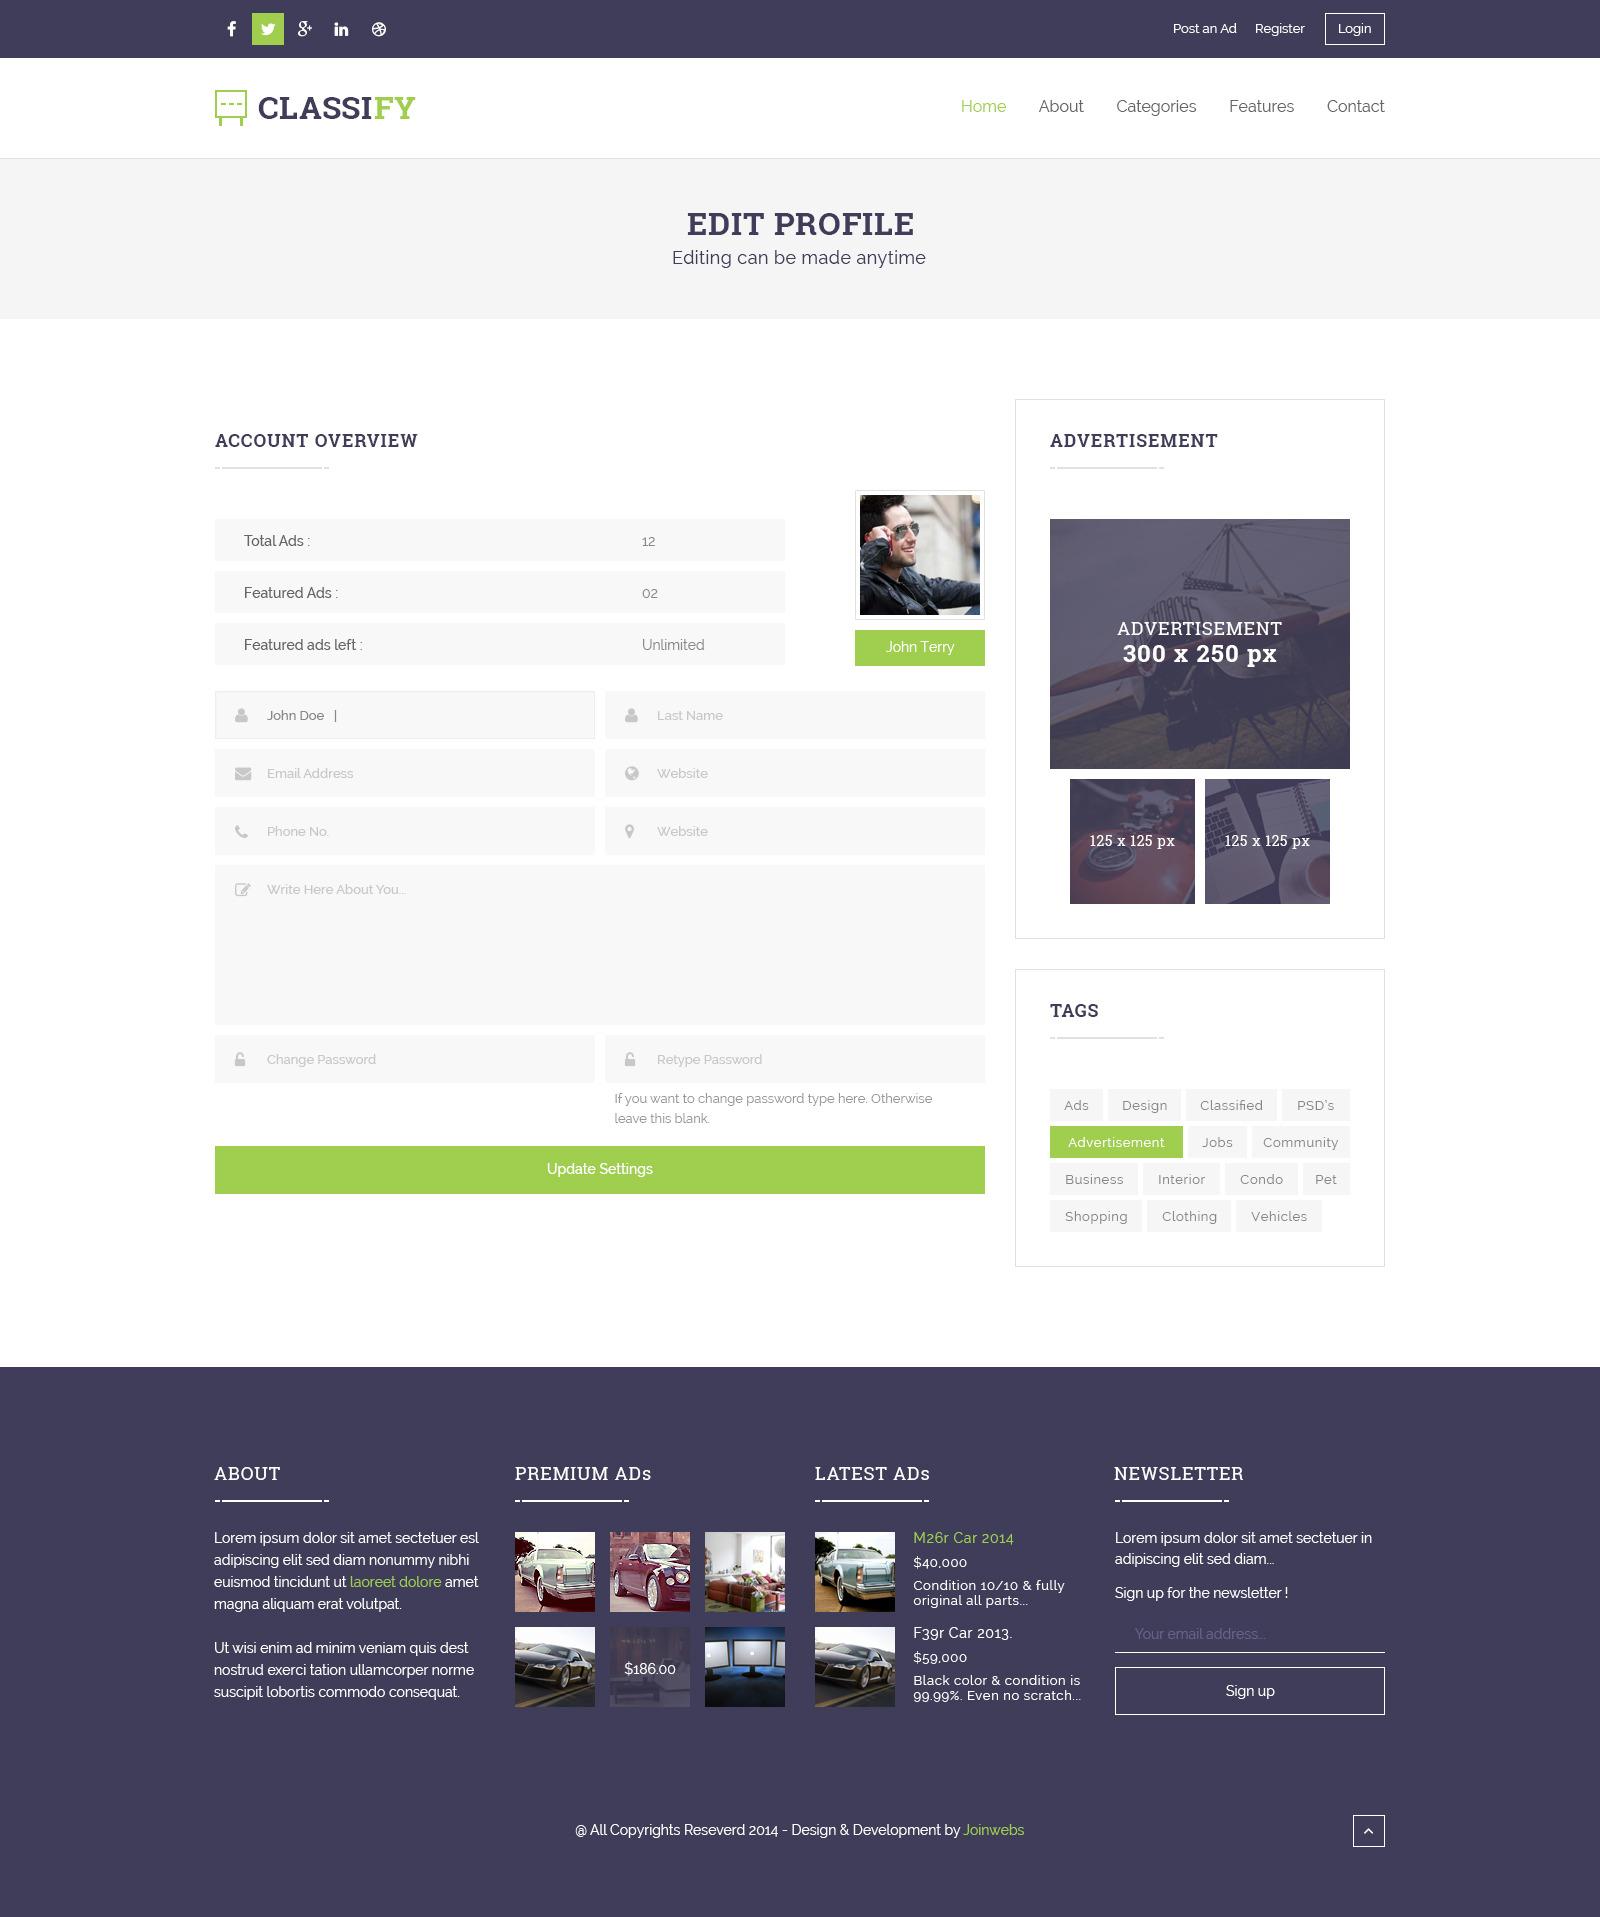 Preview 10 Edit Profile Jpg